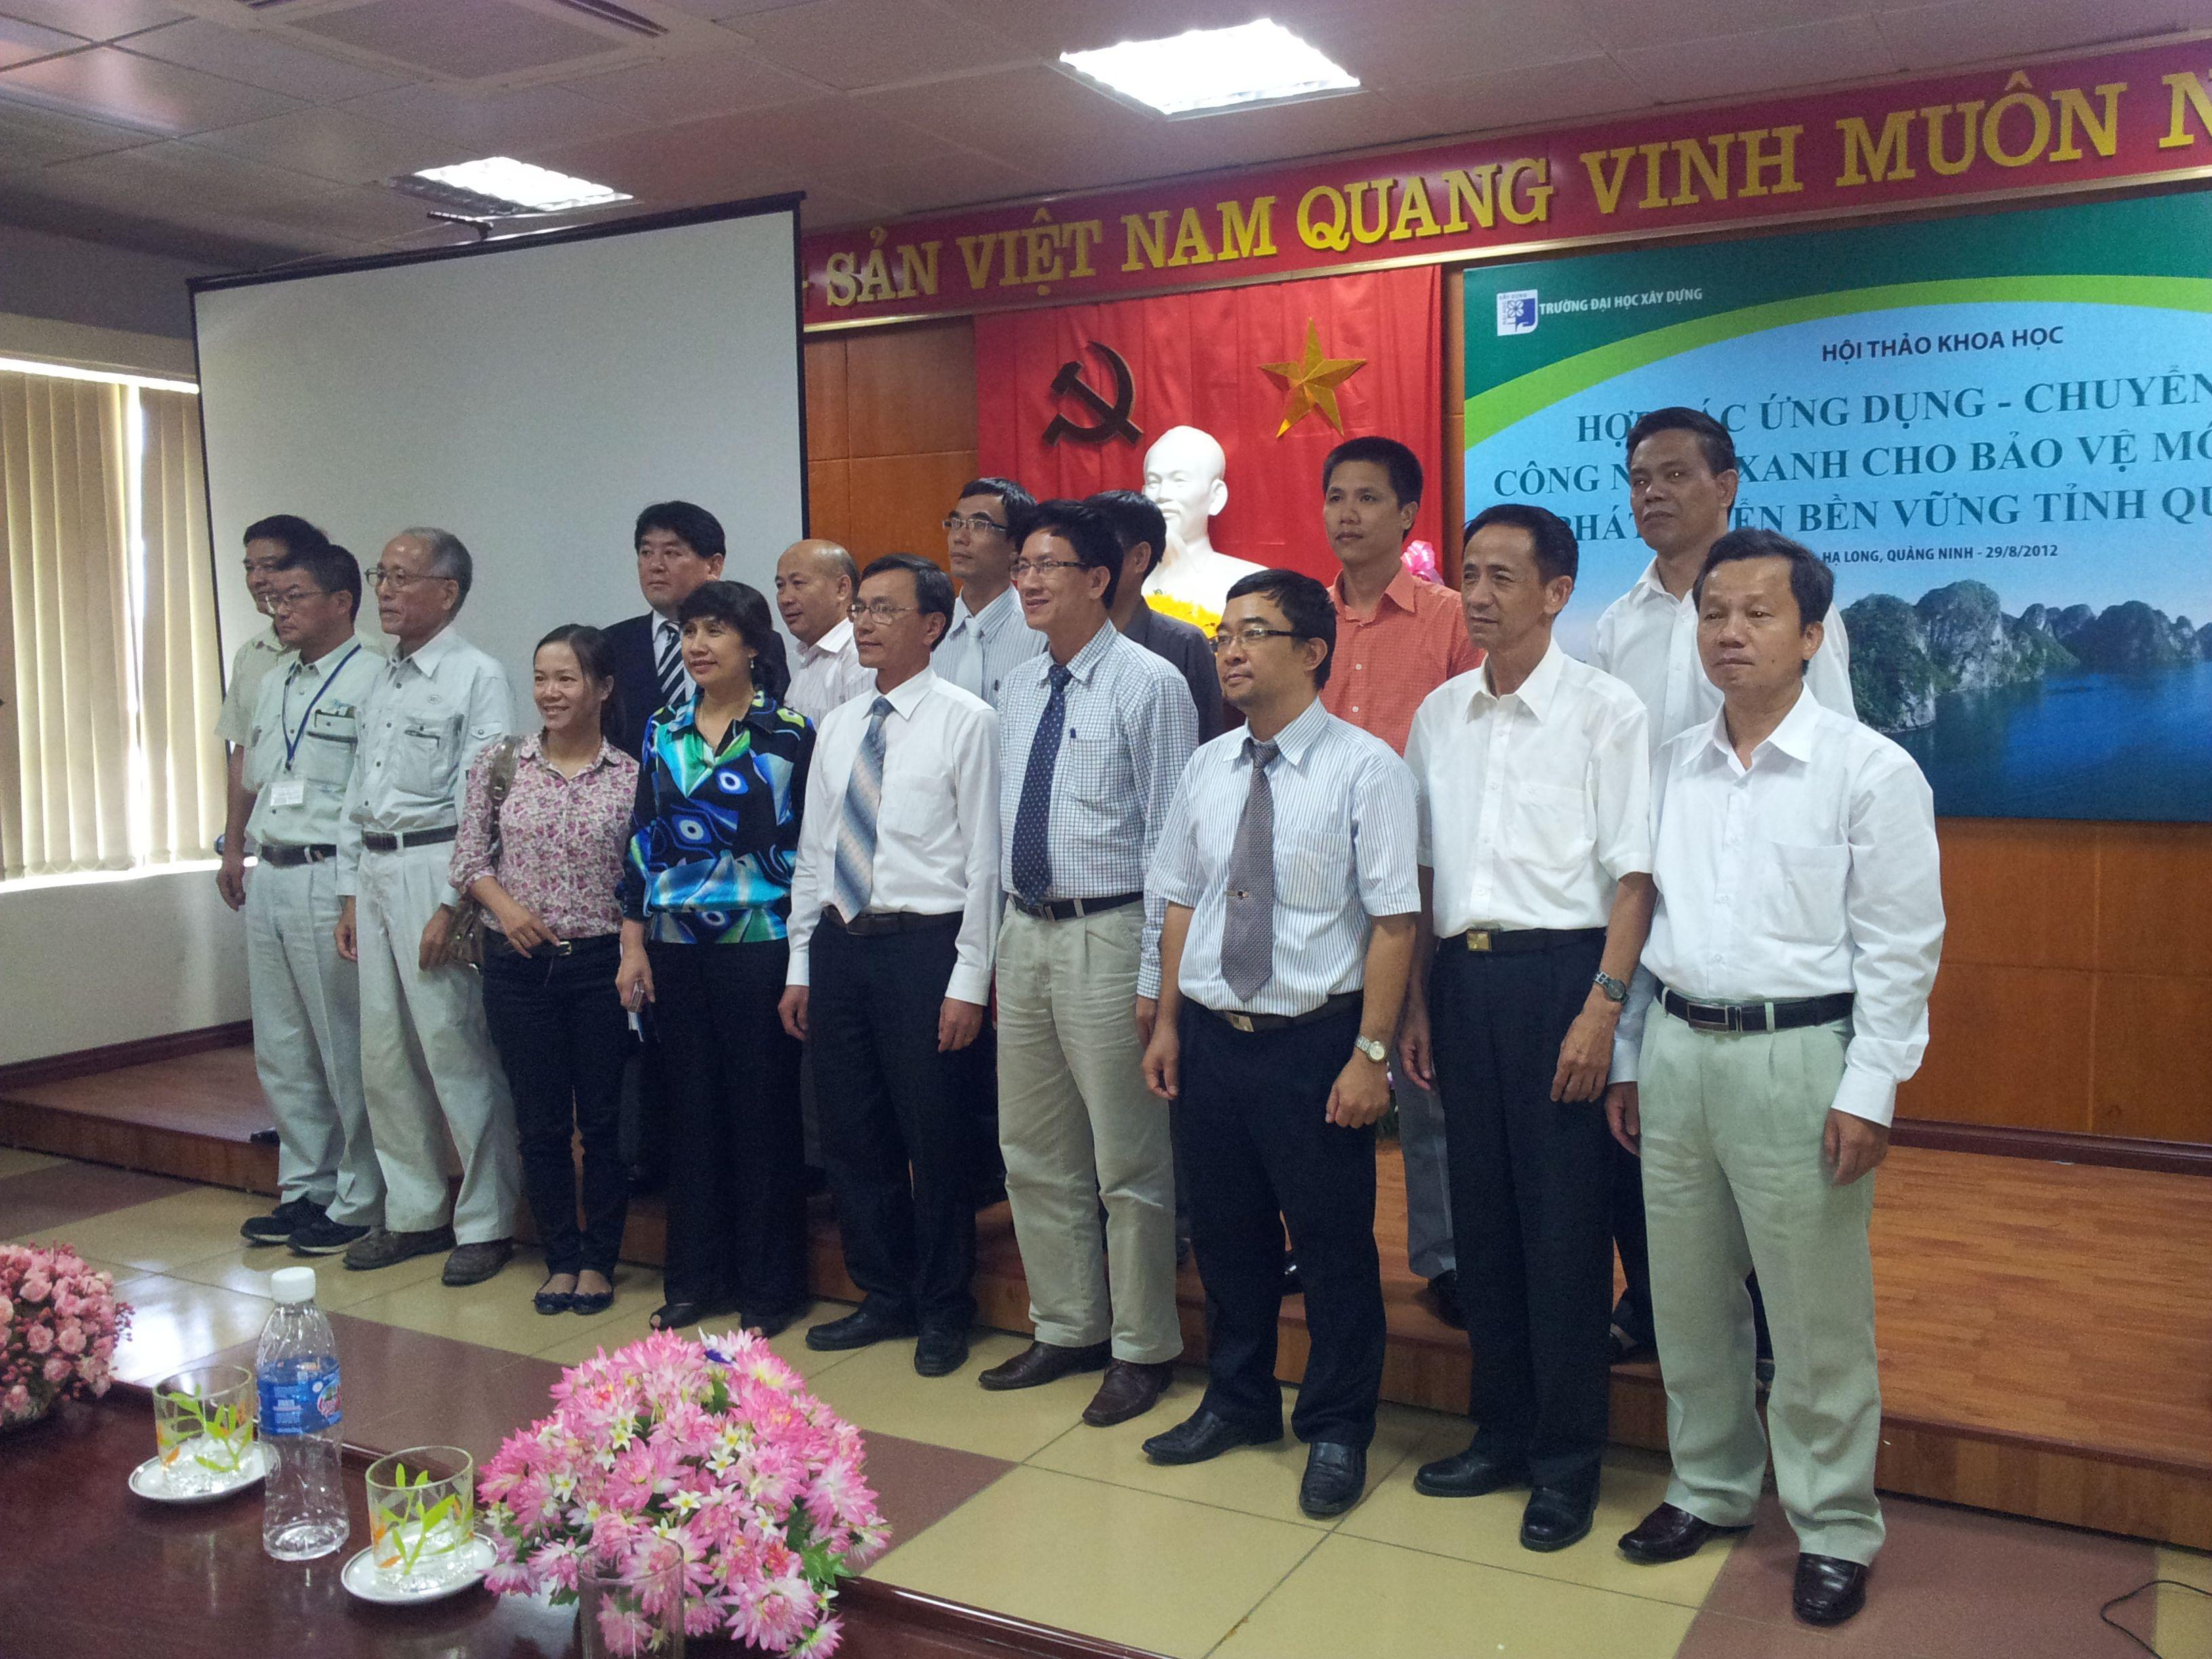 Đại diện các đơn vị tham dự hội thảo chụp ảnh lưu niệm cùng Lãnh đạo sở TN-MT Quảng Ninh